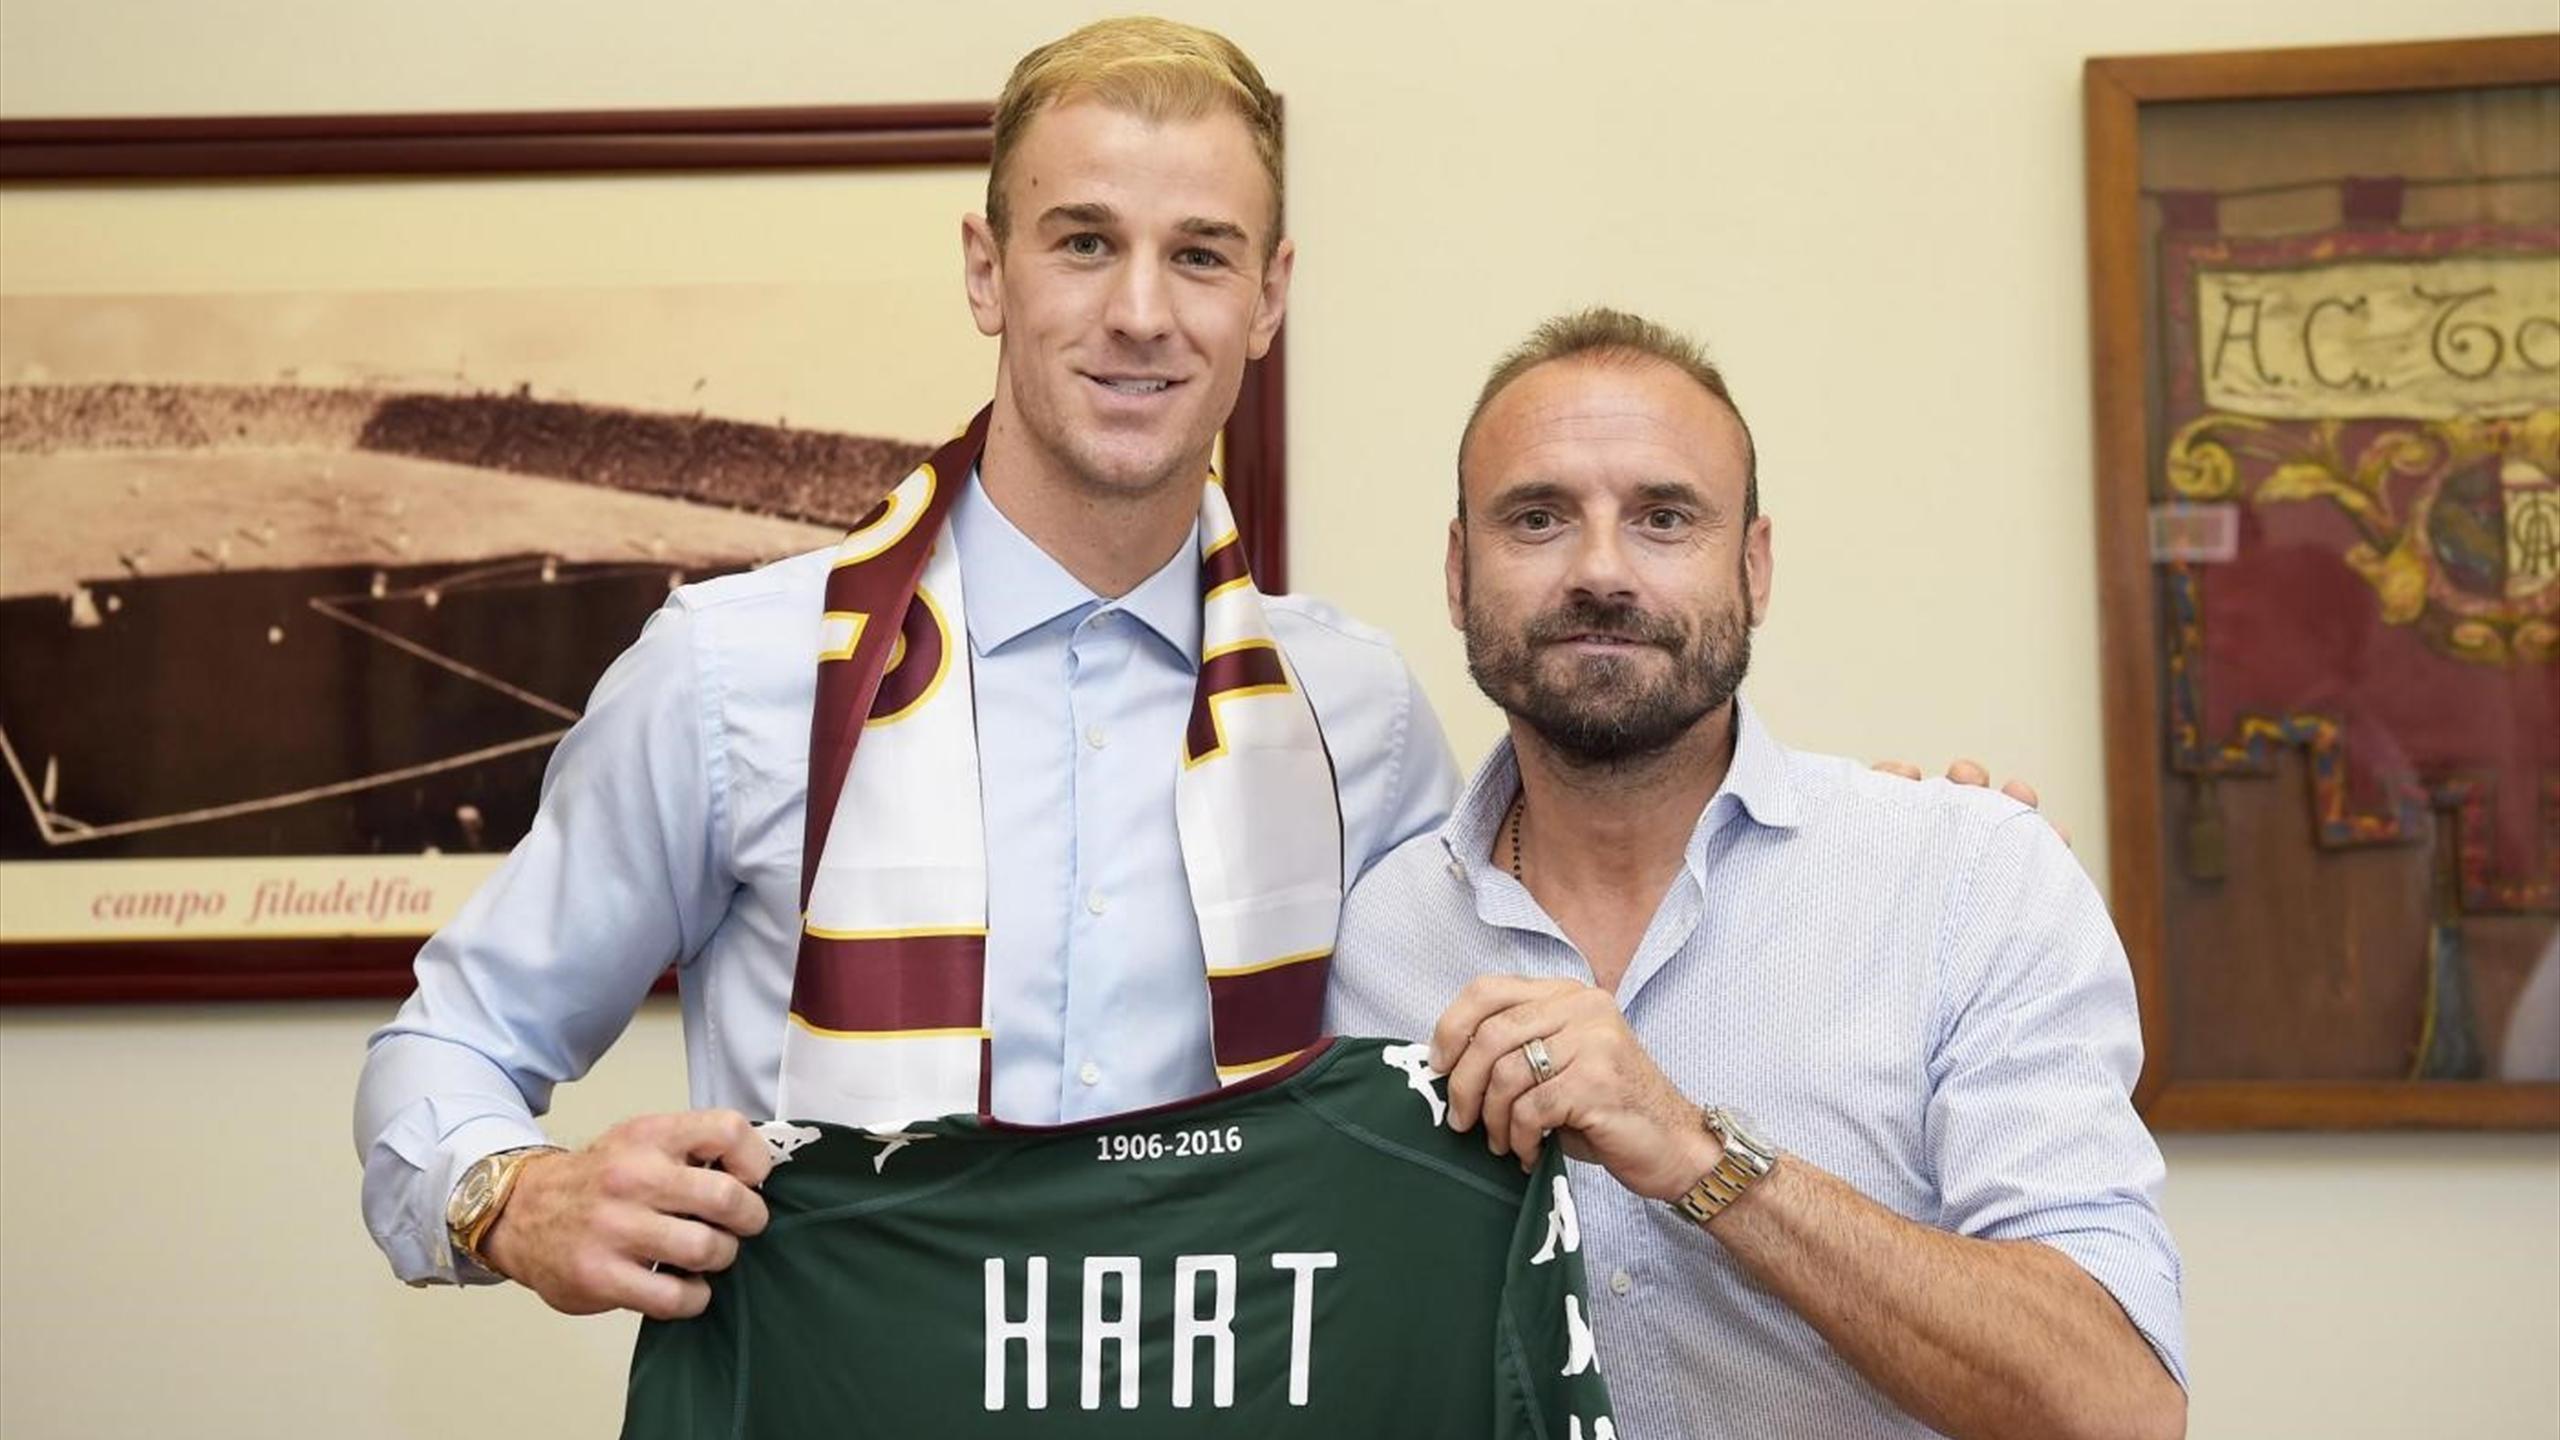 Hart - Torino - 2016